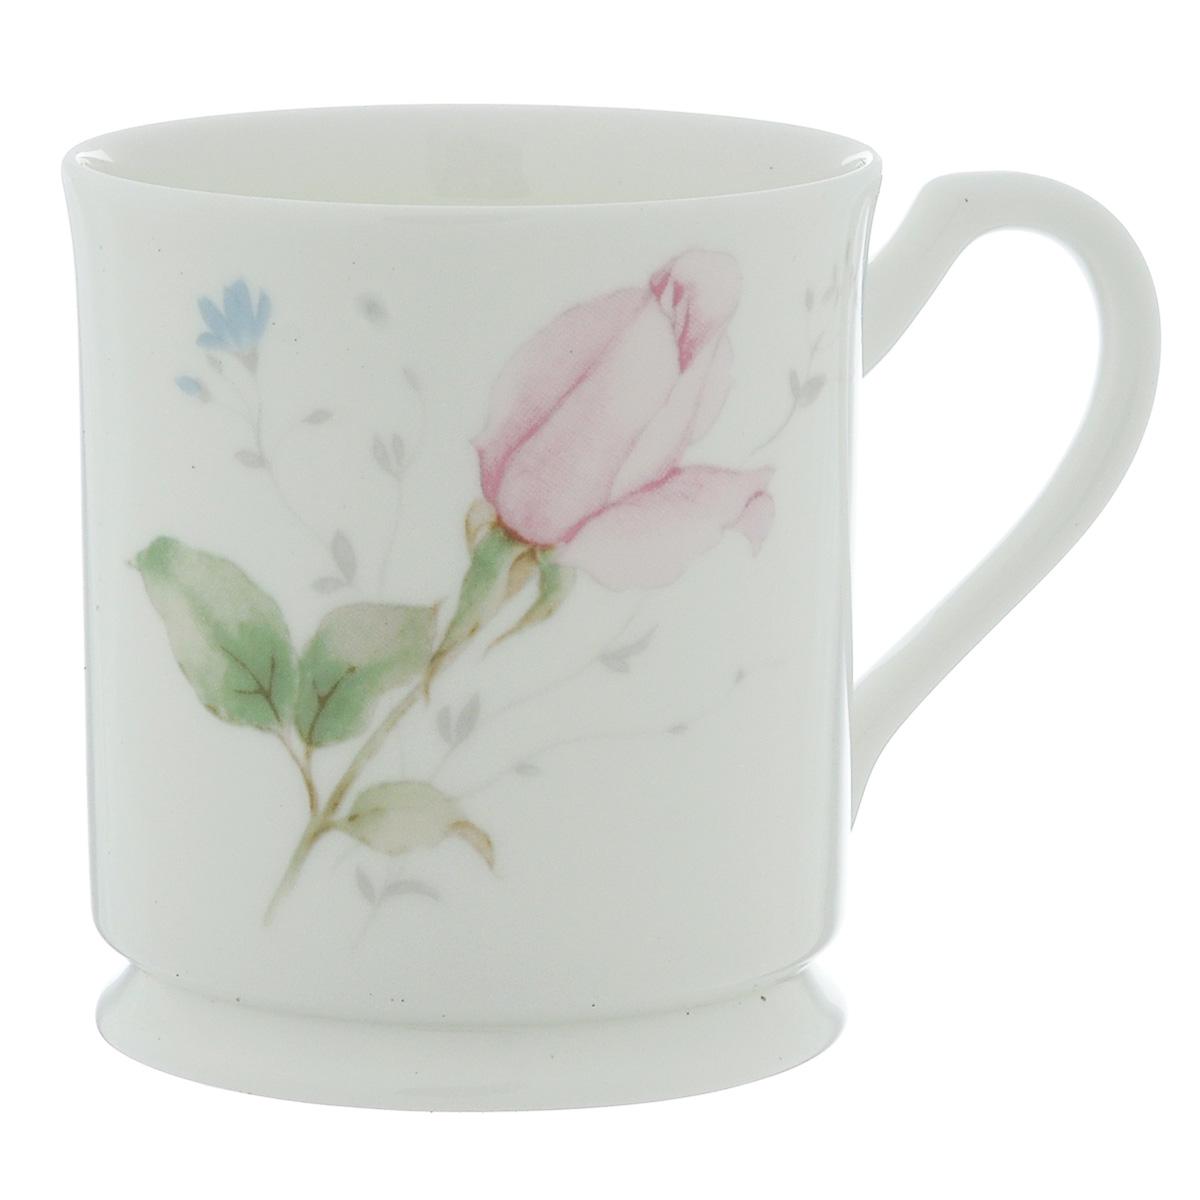 Кружка Narumi Апрельская роза, 220 мл9113-2530Кружка Narumi Апрельская роза, выполненная из высококачественного фарфора, декорирована изображением розы. Изделие оснащено удобной ручкой. Кружка сочетает в себе оригинальный дизайн и функциональность. Кружка Narumi Апрельская роза согреет вас долгими холодными вечерами. Не рекомендуется использовать в посудомоечной машине и микроволновой печи. Объем: 220 мл. Диаметр (по верхнему краю): 8 см. Высота кружки: 9 см.